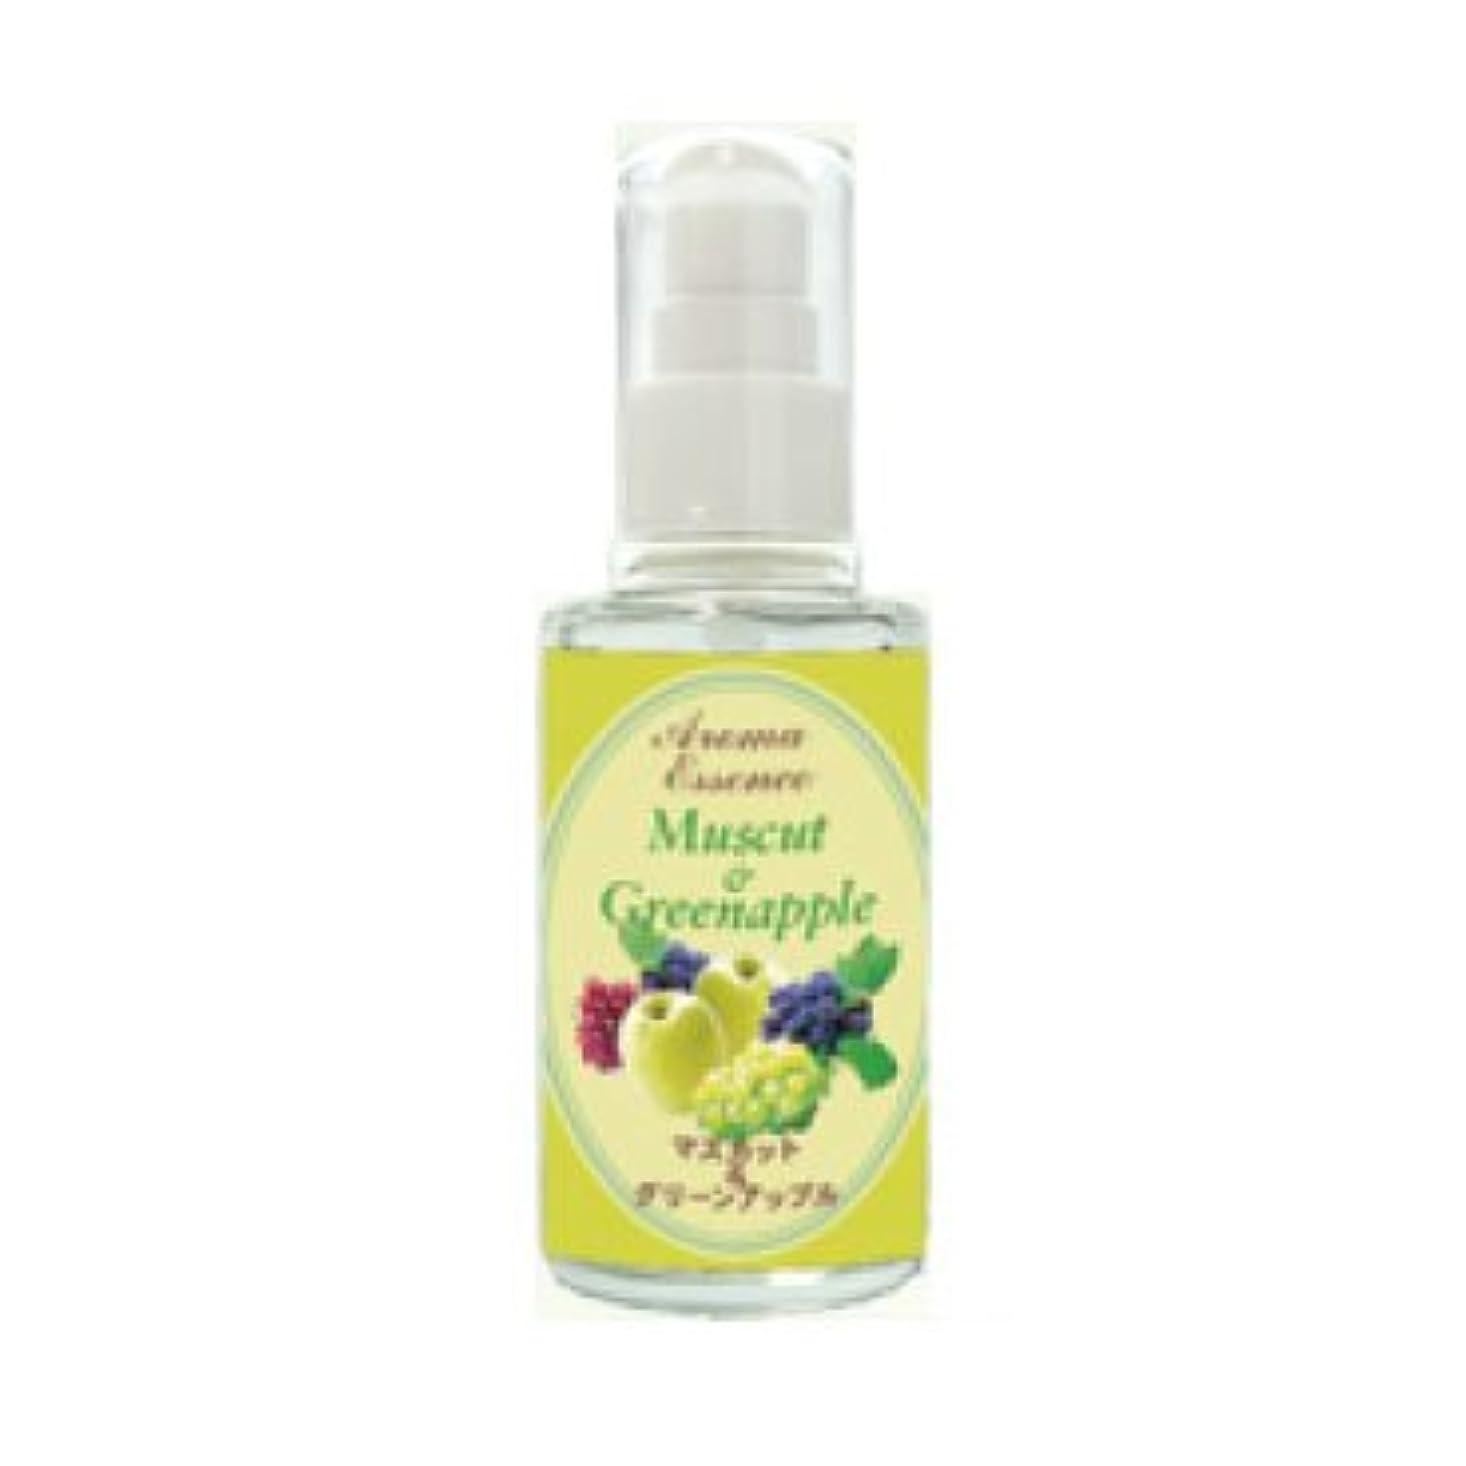 一致する実質的消毒するAroma Essence アロマエッセンス フルーツ系 07 マスカット&グリーンアップル 50ml